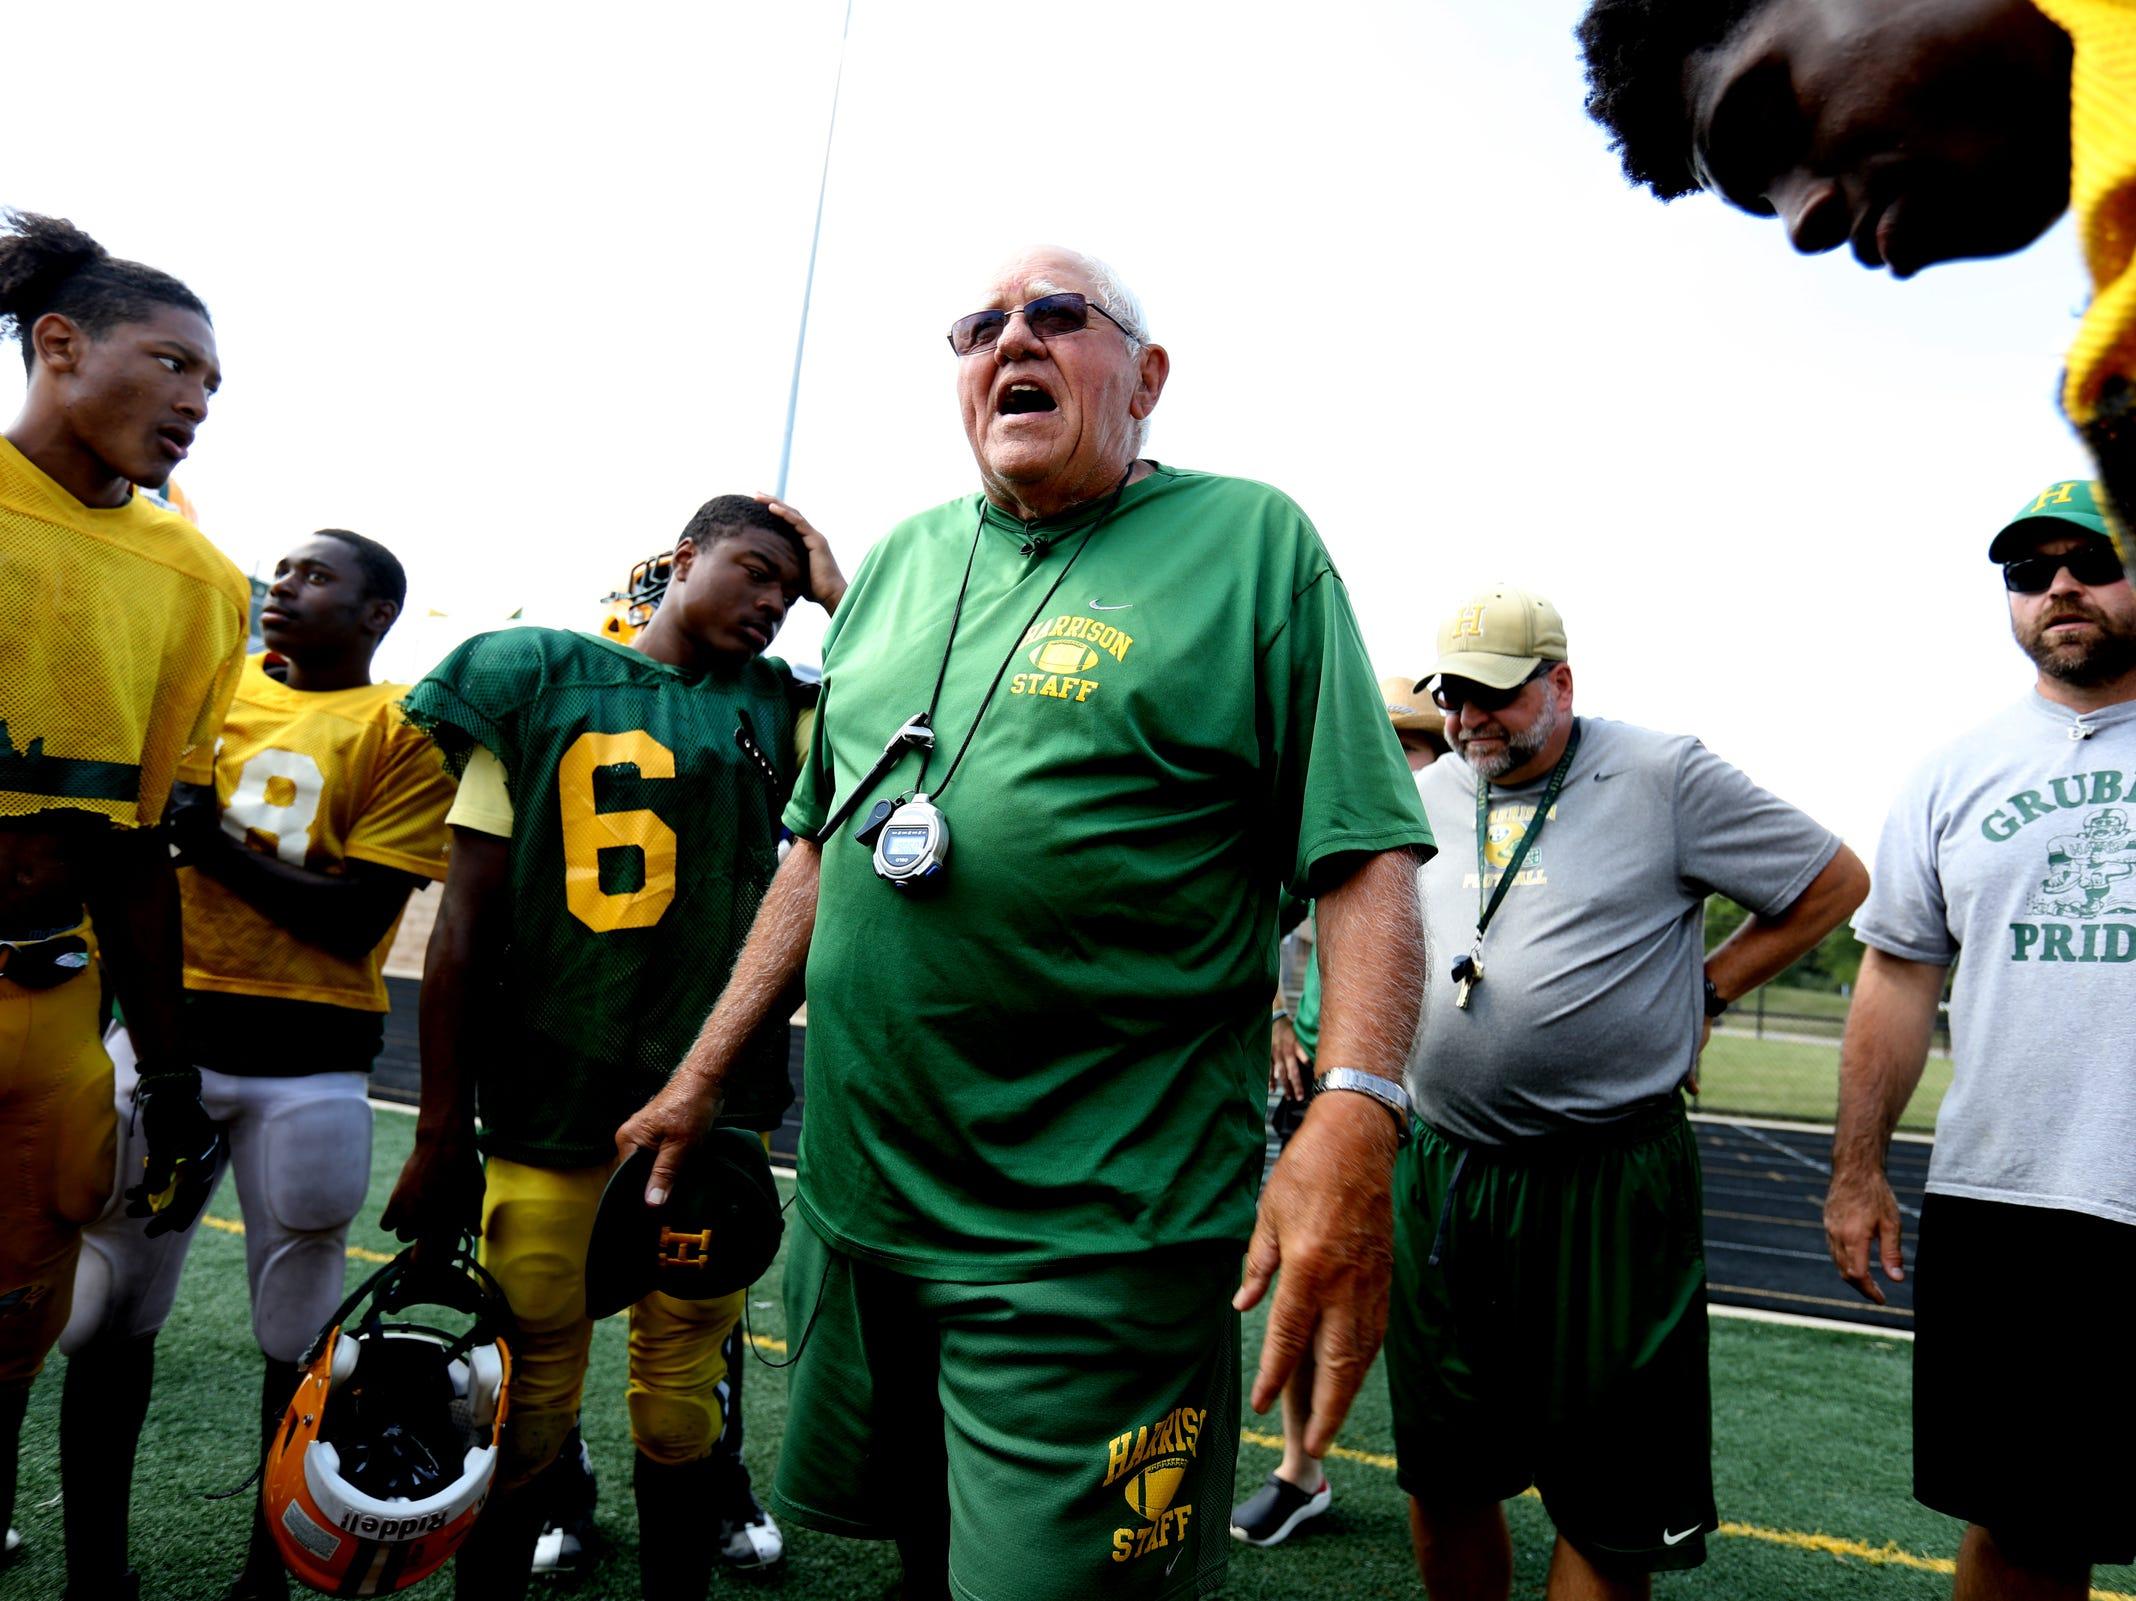 Farmington Hills Harrison High School football coach John Herrington talks with players during a huddle after practice at the school in Farmington Hills on Thursday, Aug. 23, 2018.